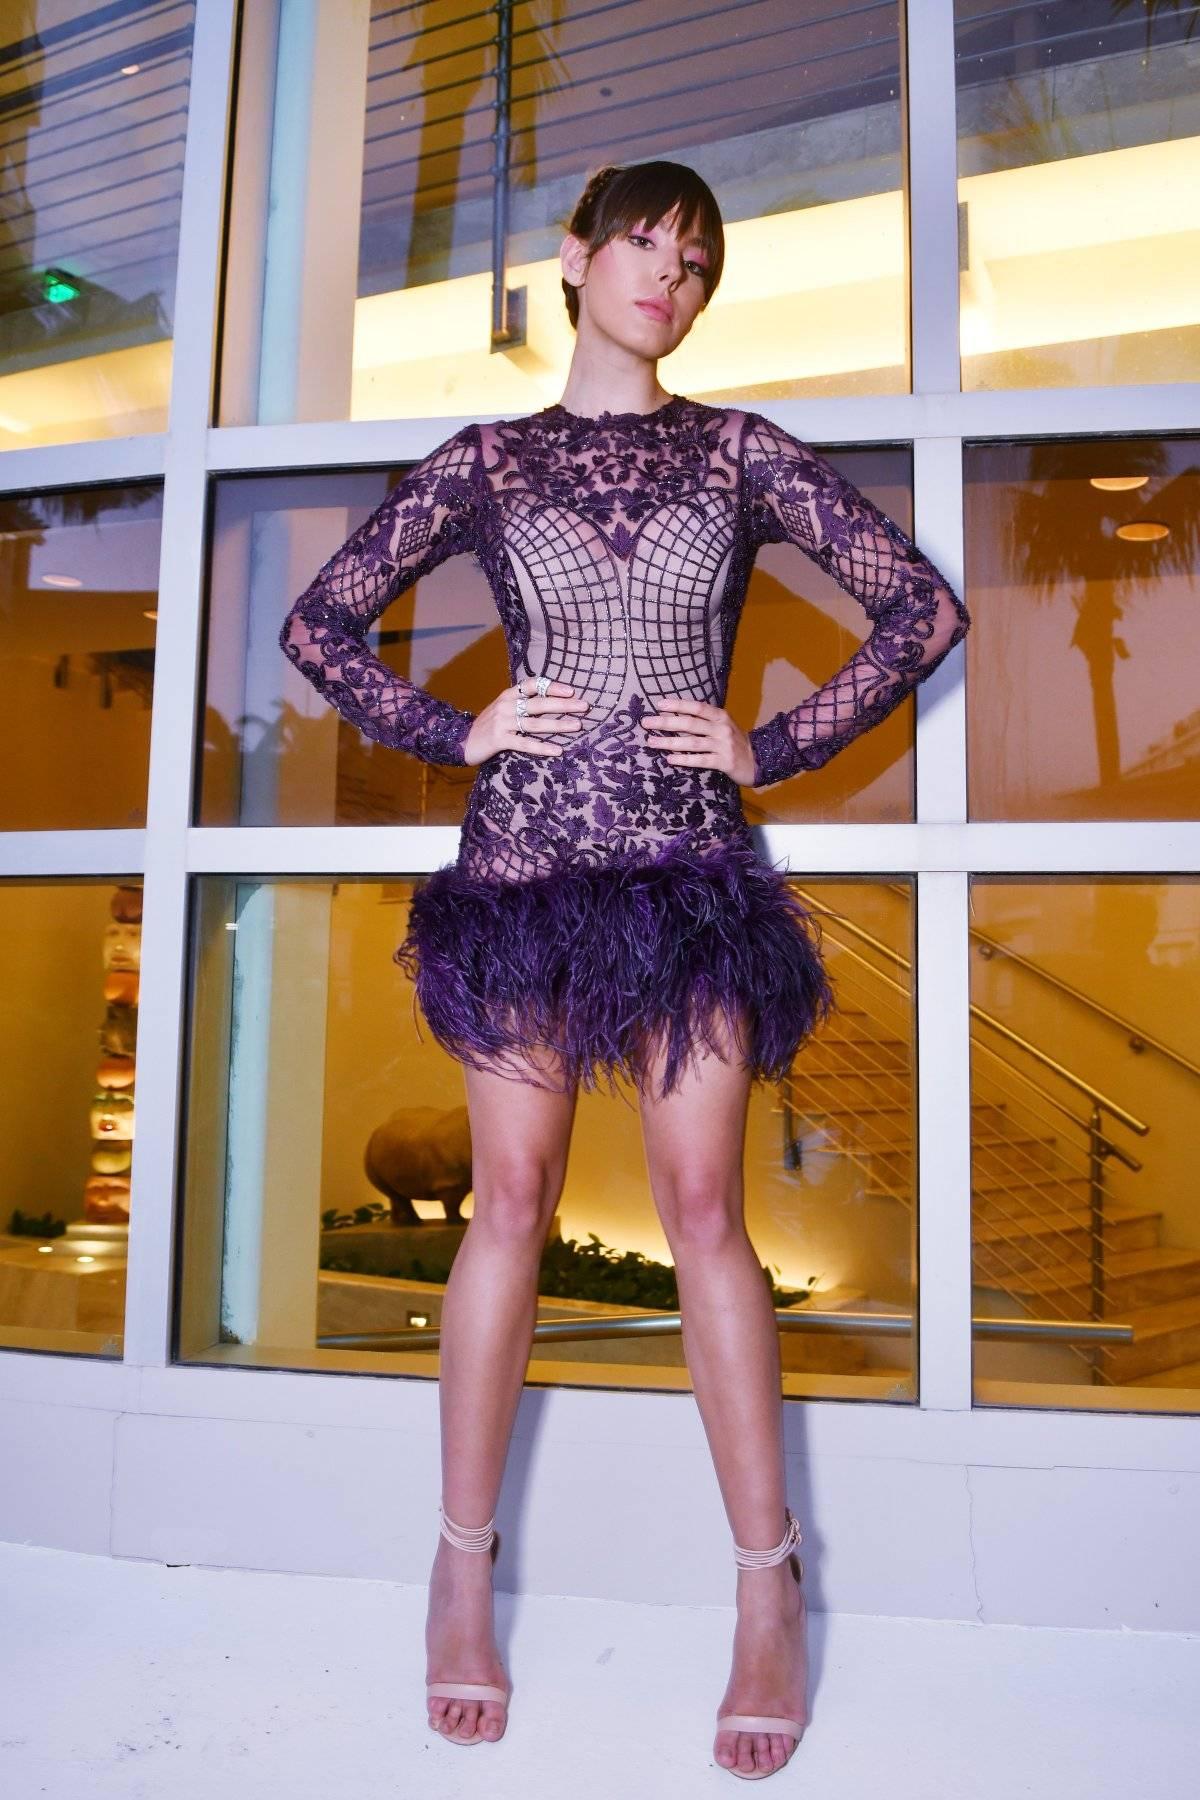 Vestido corto de mangas largas en tul bordado en canutillos y cristales, con plumas en el ruedo en el mismo tono. Accesorios: BVLGARI / Foto: Dennis Jones